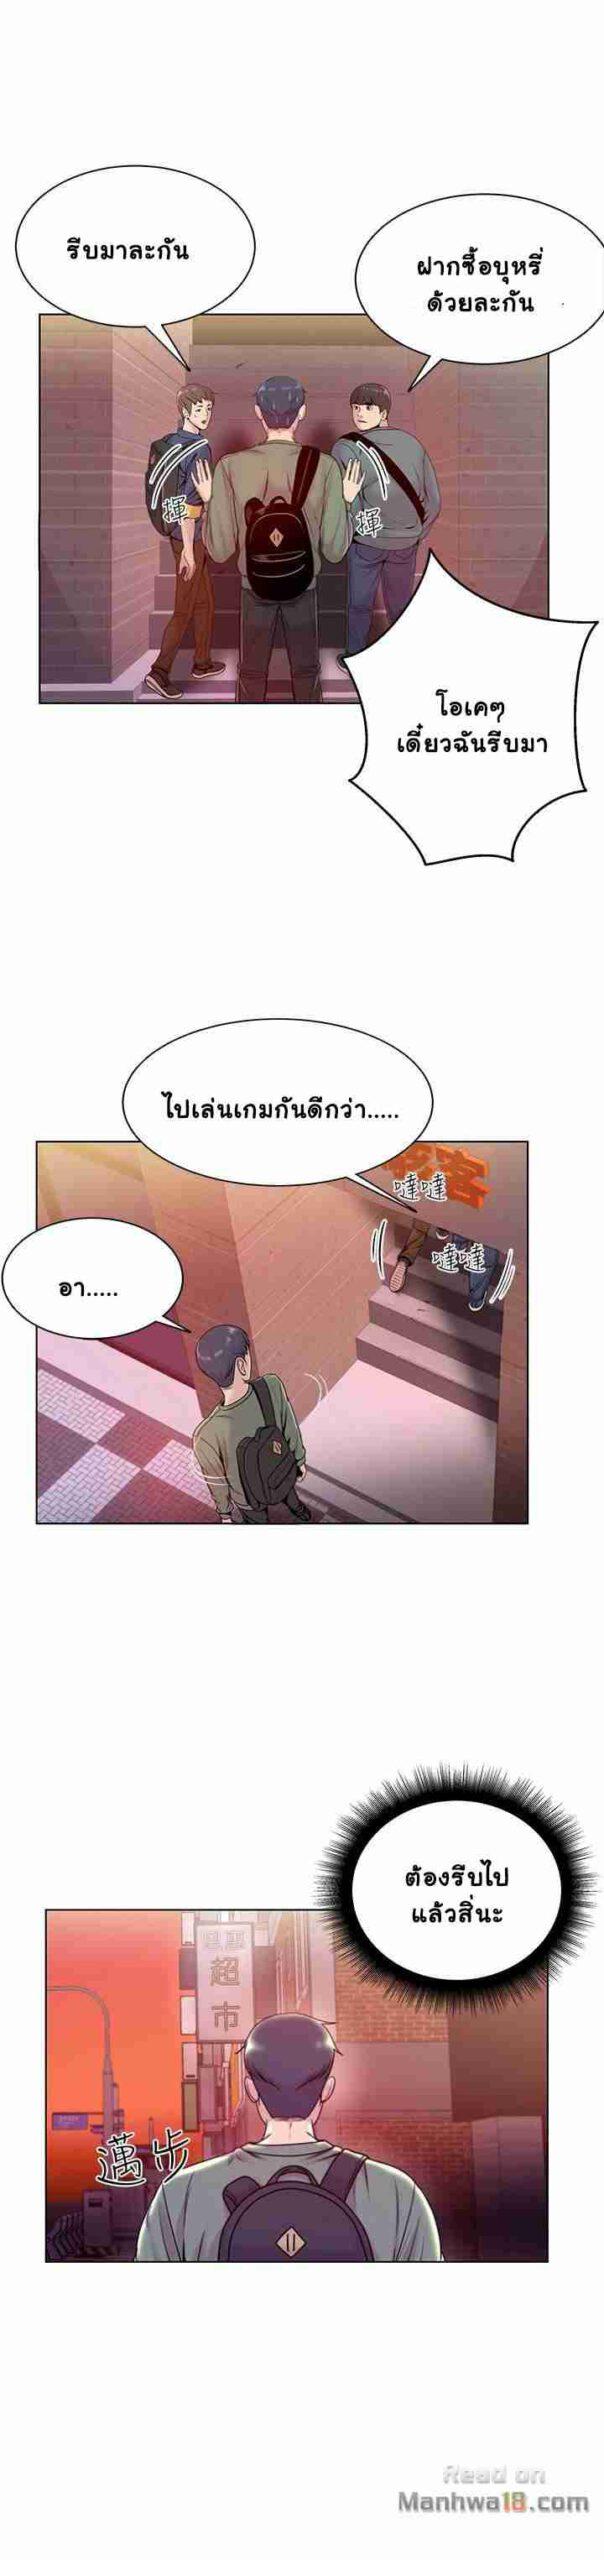 โดจิน Doujin คุณพี่สาวร้านค้า(6)12